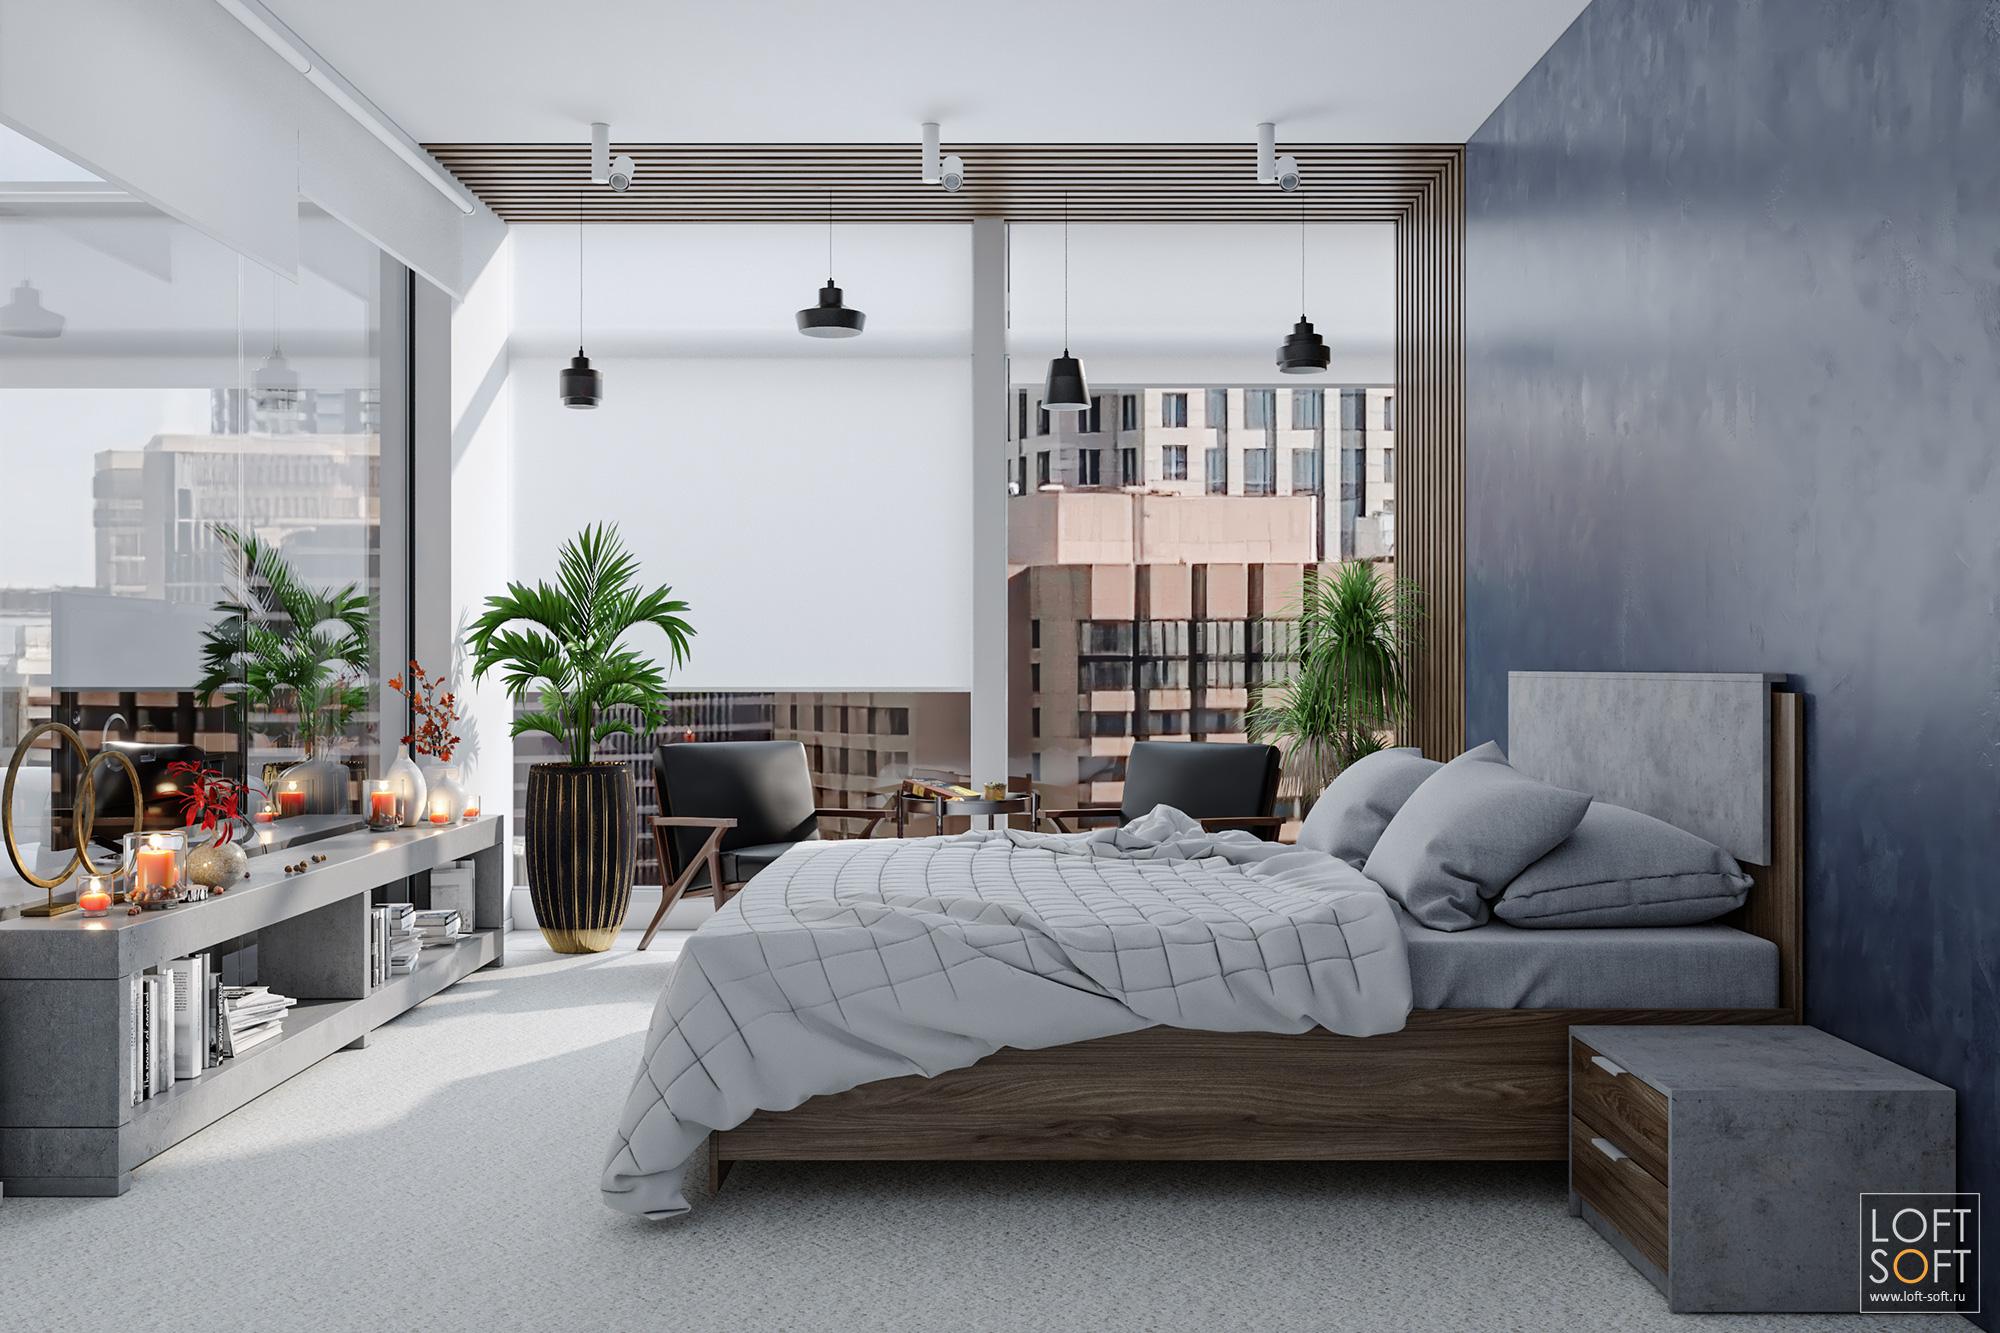 Спальня всовременном стиле. Деревянные рейки вдизайне интерьера.